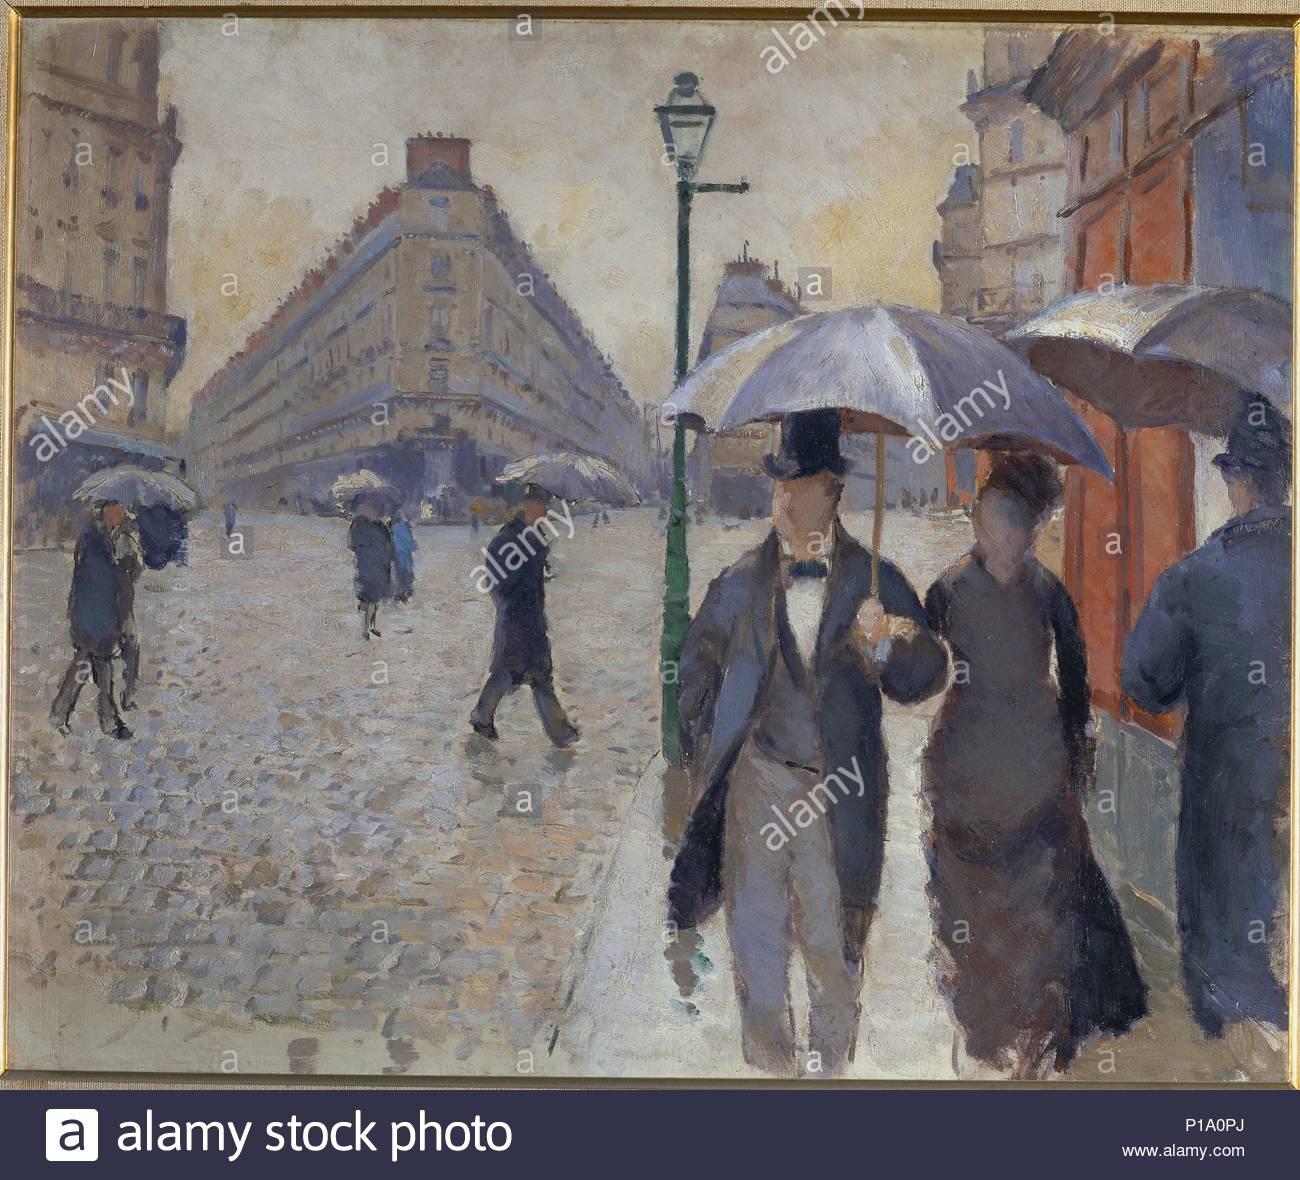 Rue de Paris; temps de pluie-Paris street; rain. 1877, oil-sketch 54 x 65 cm. Author: Gustave Caillebotte (1848-1894). Location: Musee Marmottan, Paris, France. - Stock Image